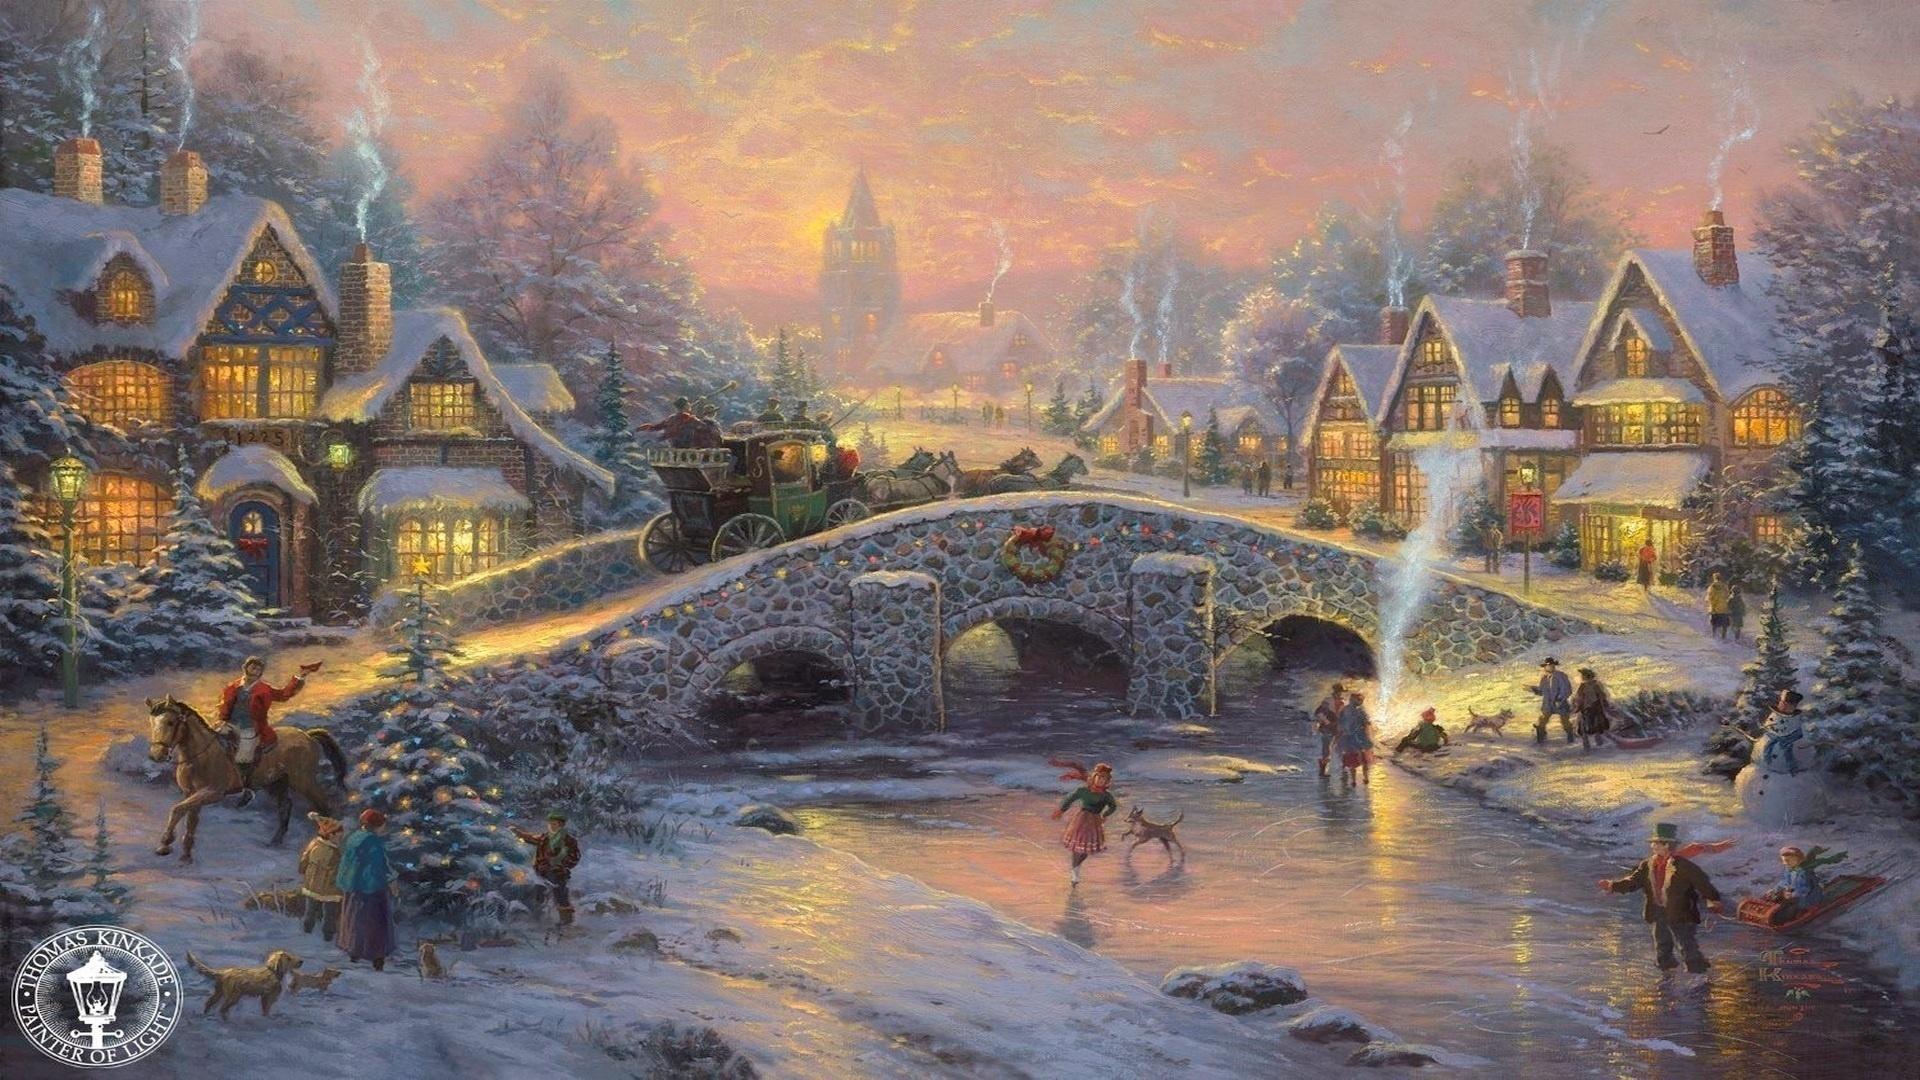 окружении красивые картинки с новогодними пейзажами стс готовит показу